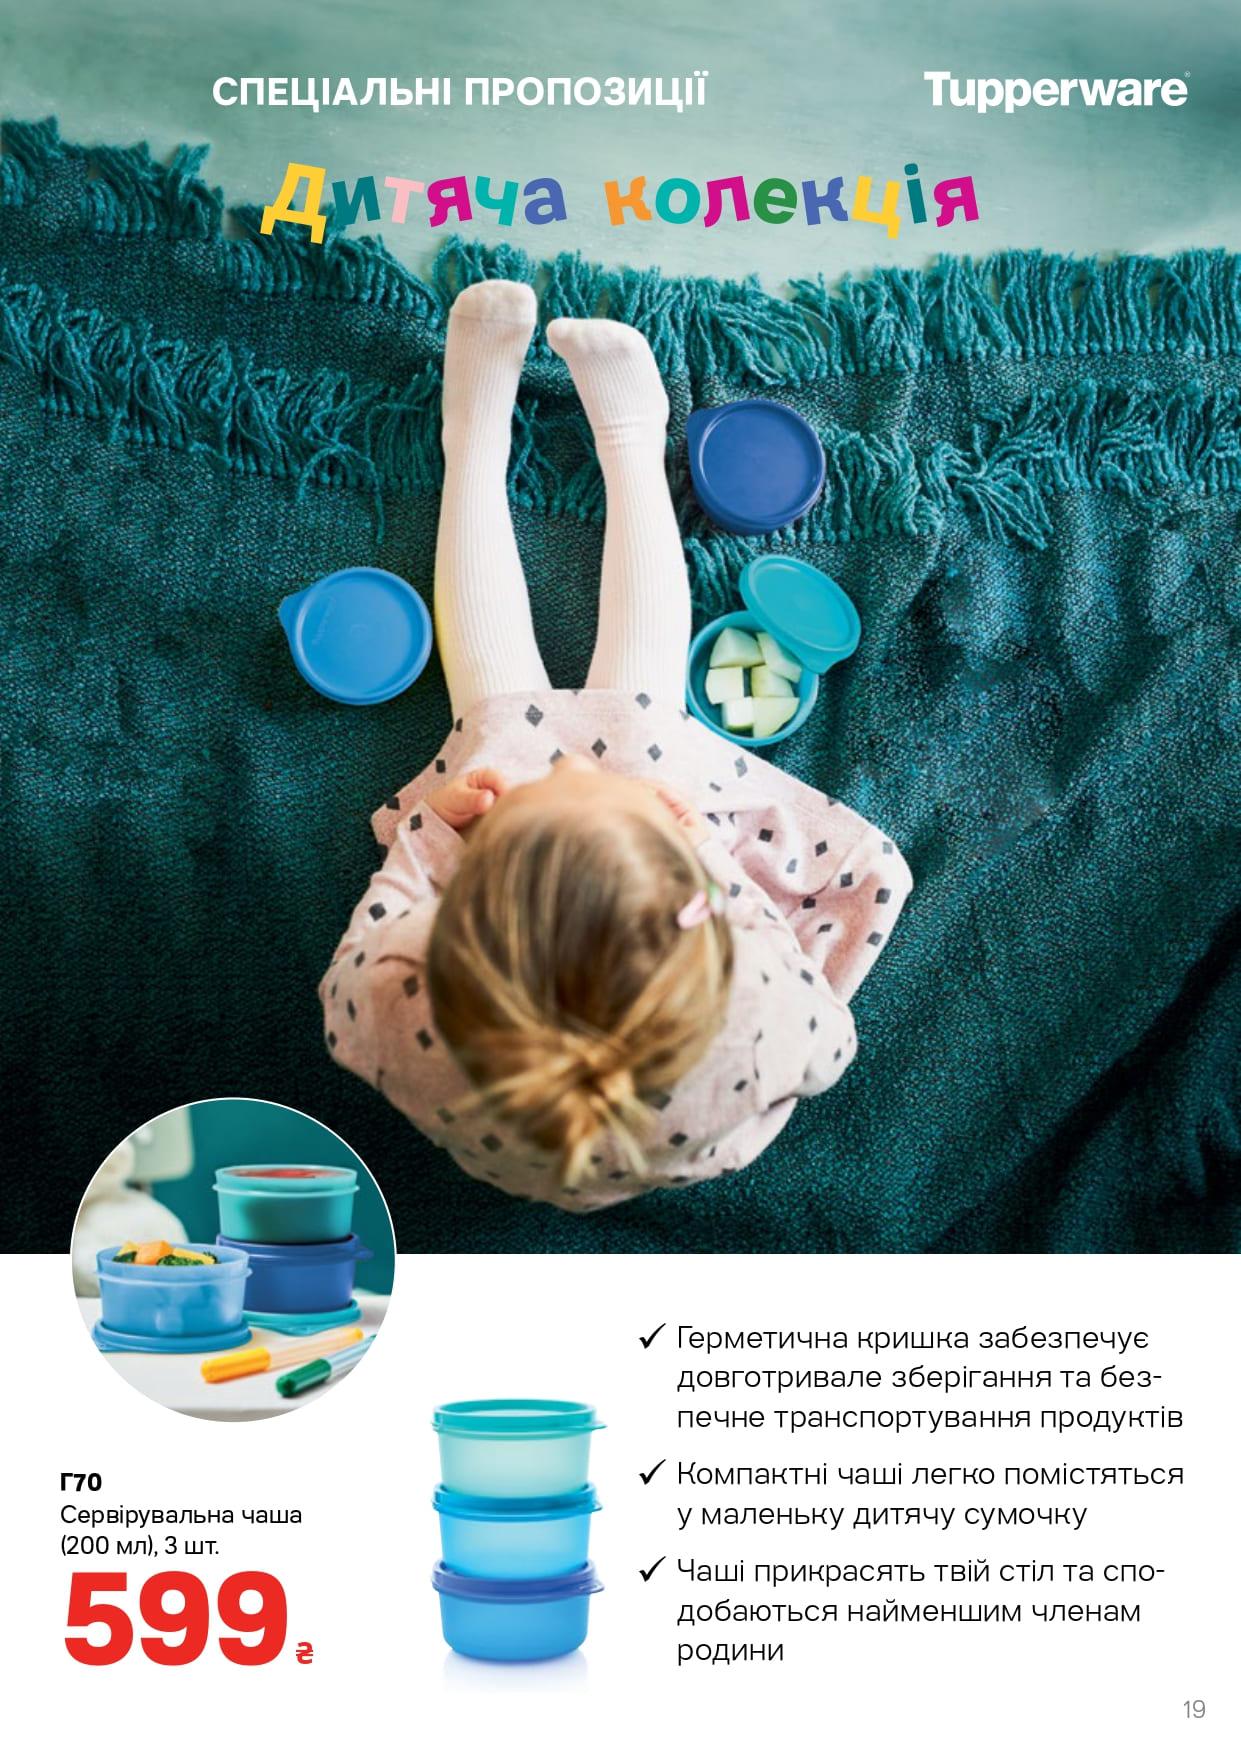 Детские сервировочные чаши, скидка 33%.